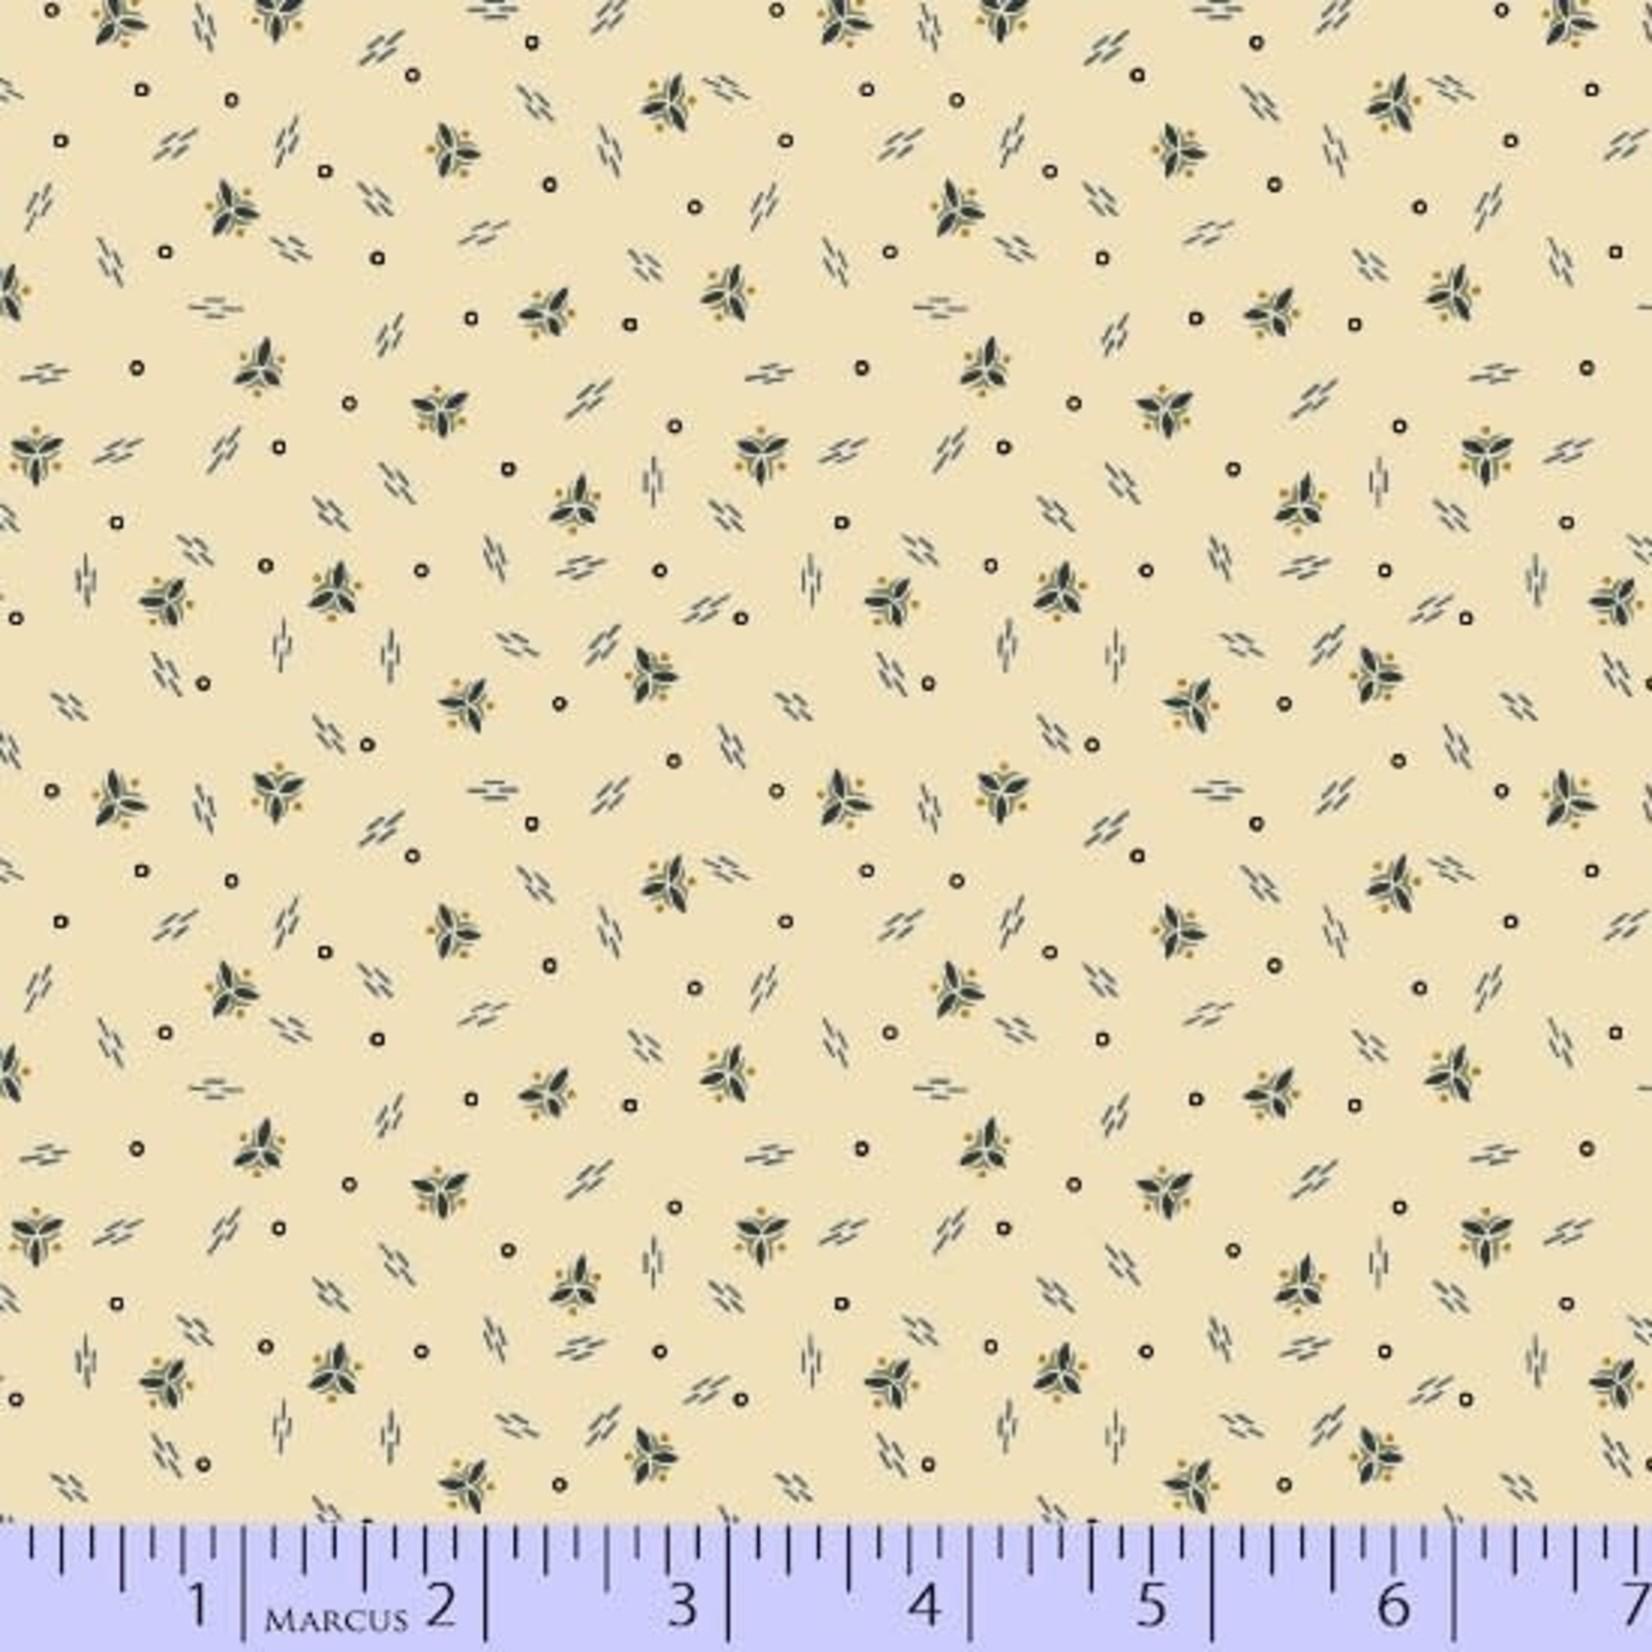 Marcus Fabrics Mrs.Miller's Aprentice - Falling Spirals - Cream